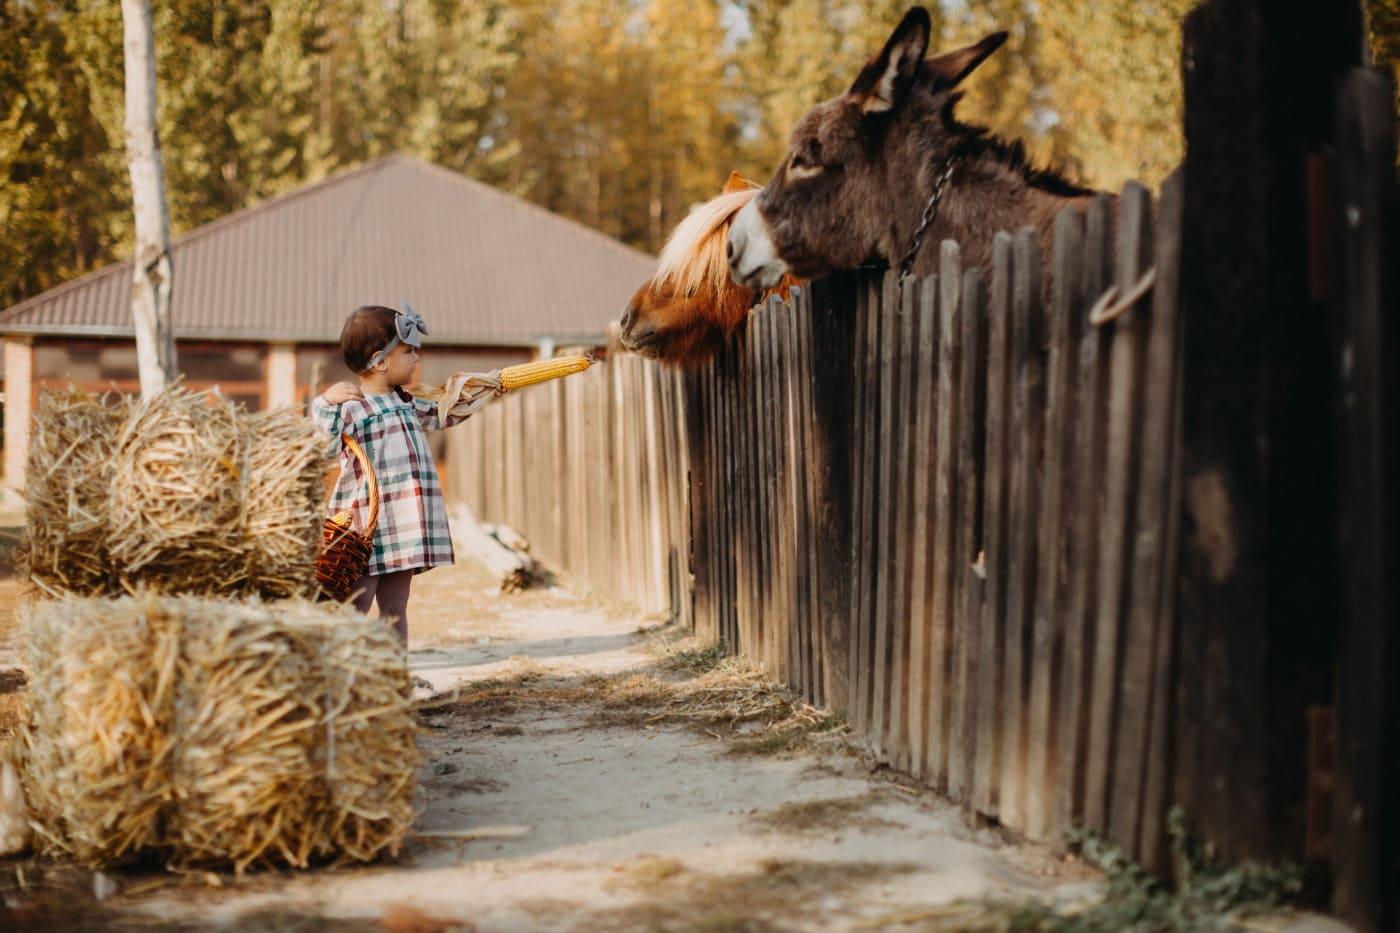 เด็ก, สาว, ลา, ม้า, ตะกร้าหวาย, การให้อาหาร, สัตว์, ข้าวโพด, ชาวบ้าน, วิลเลจ